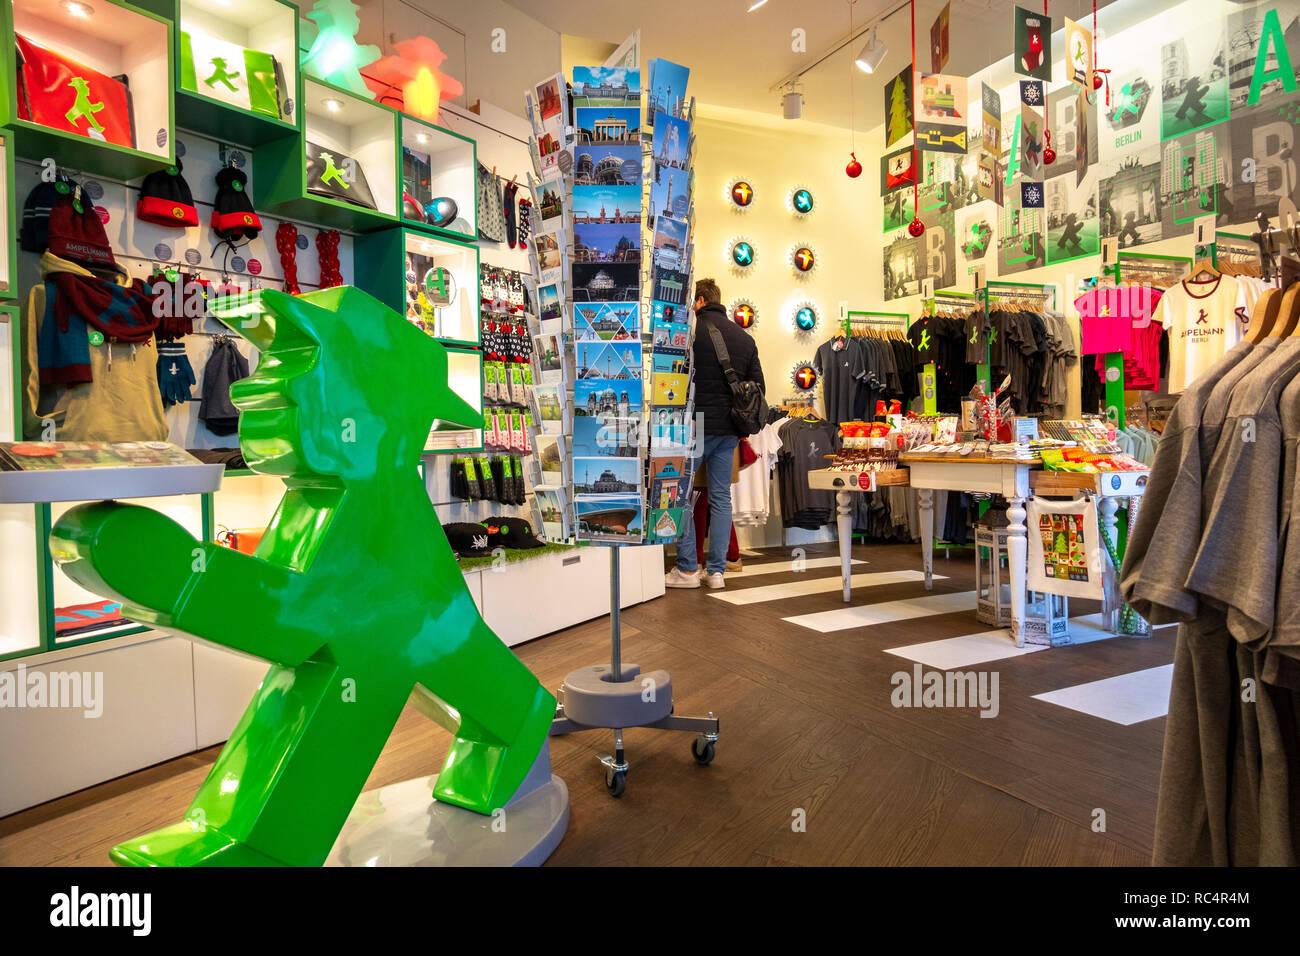 Die erste und ursprüngliche Ampelmännchen, Ampelmann Galerie Shop in den Hackeschen Höfen (Hackescher Markt) shopping Innenhöfe. Berlin, Deutschland. Stockfoto